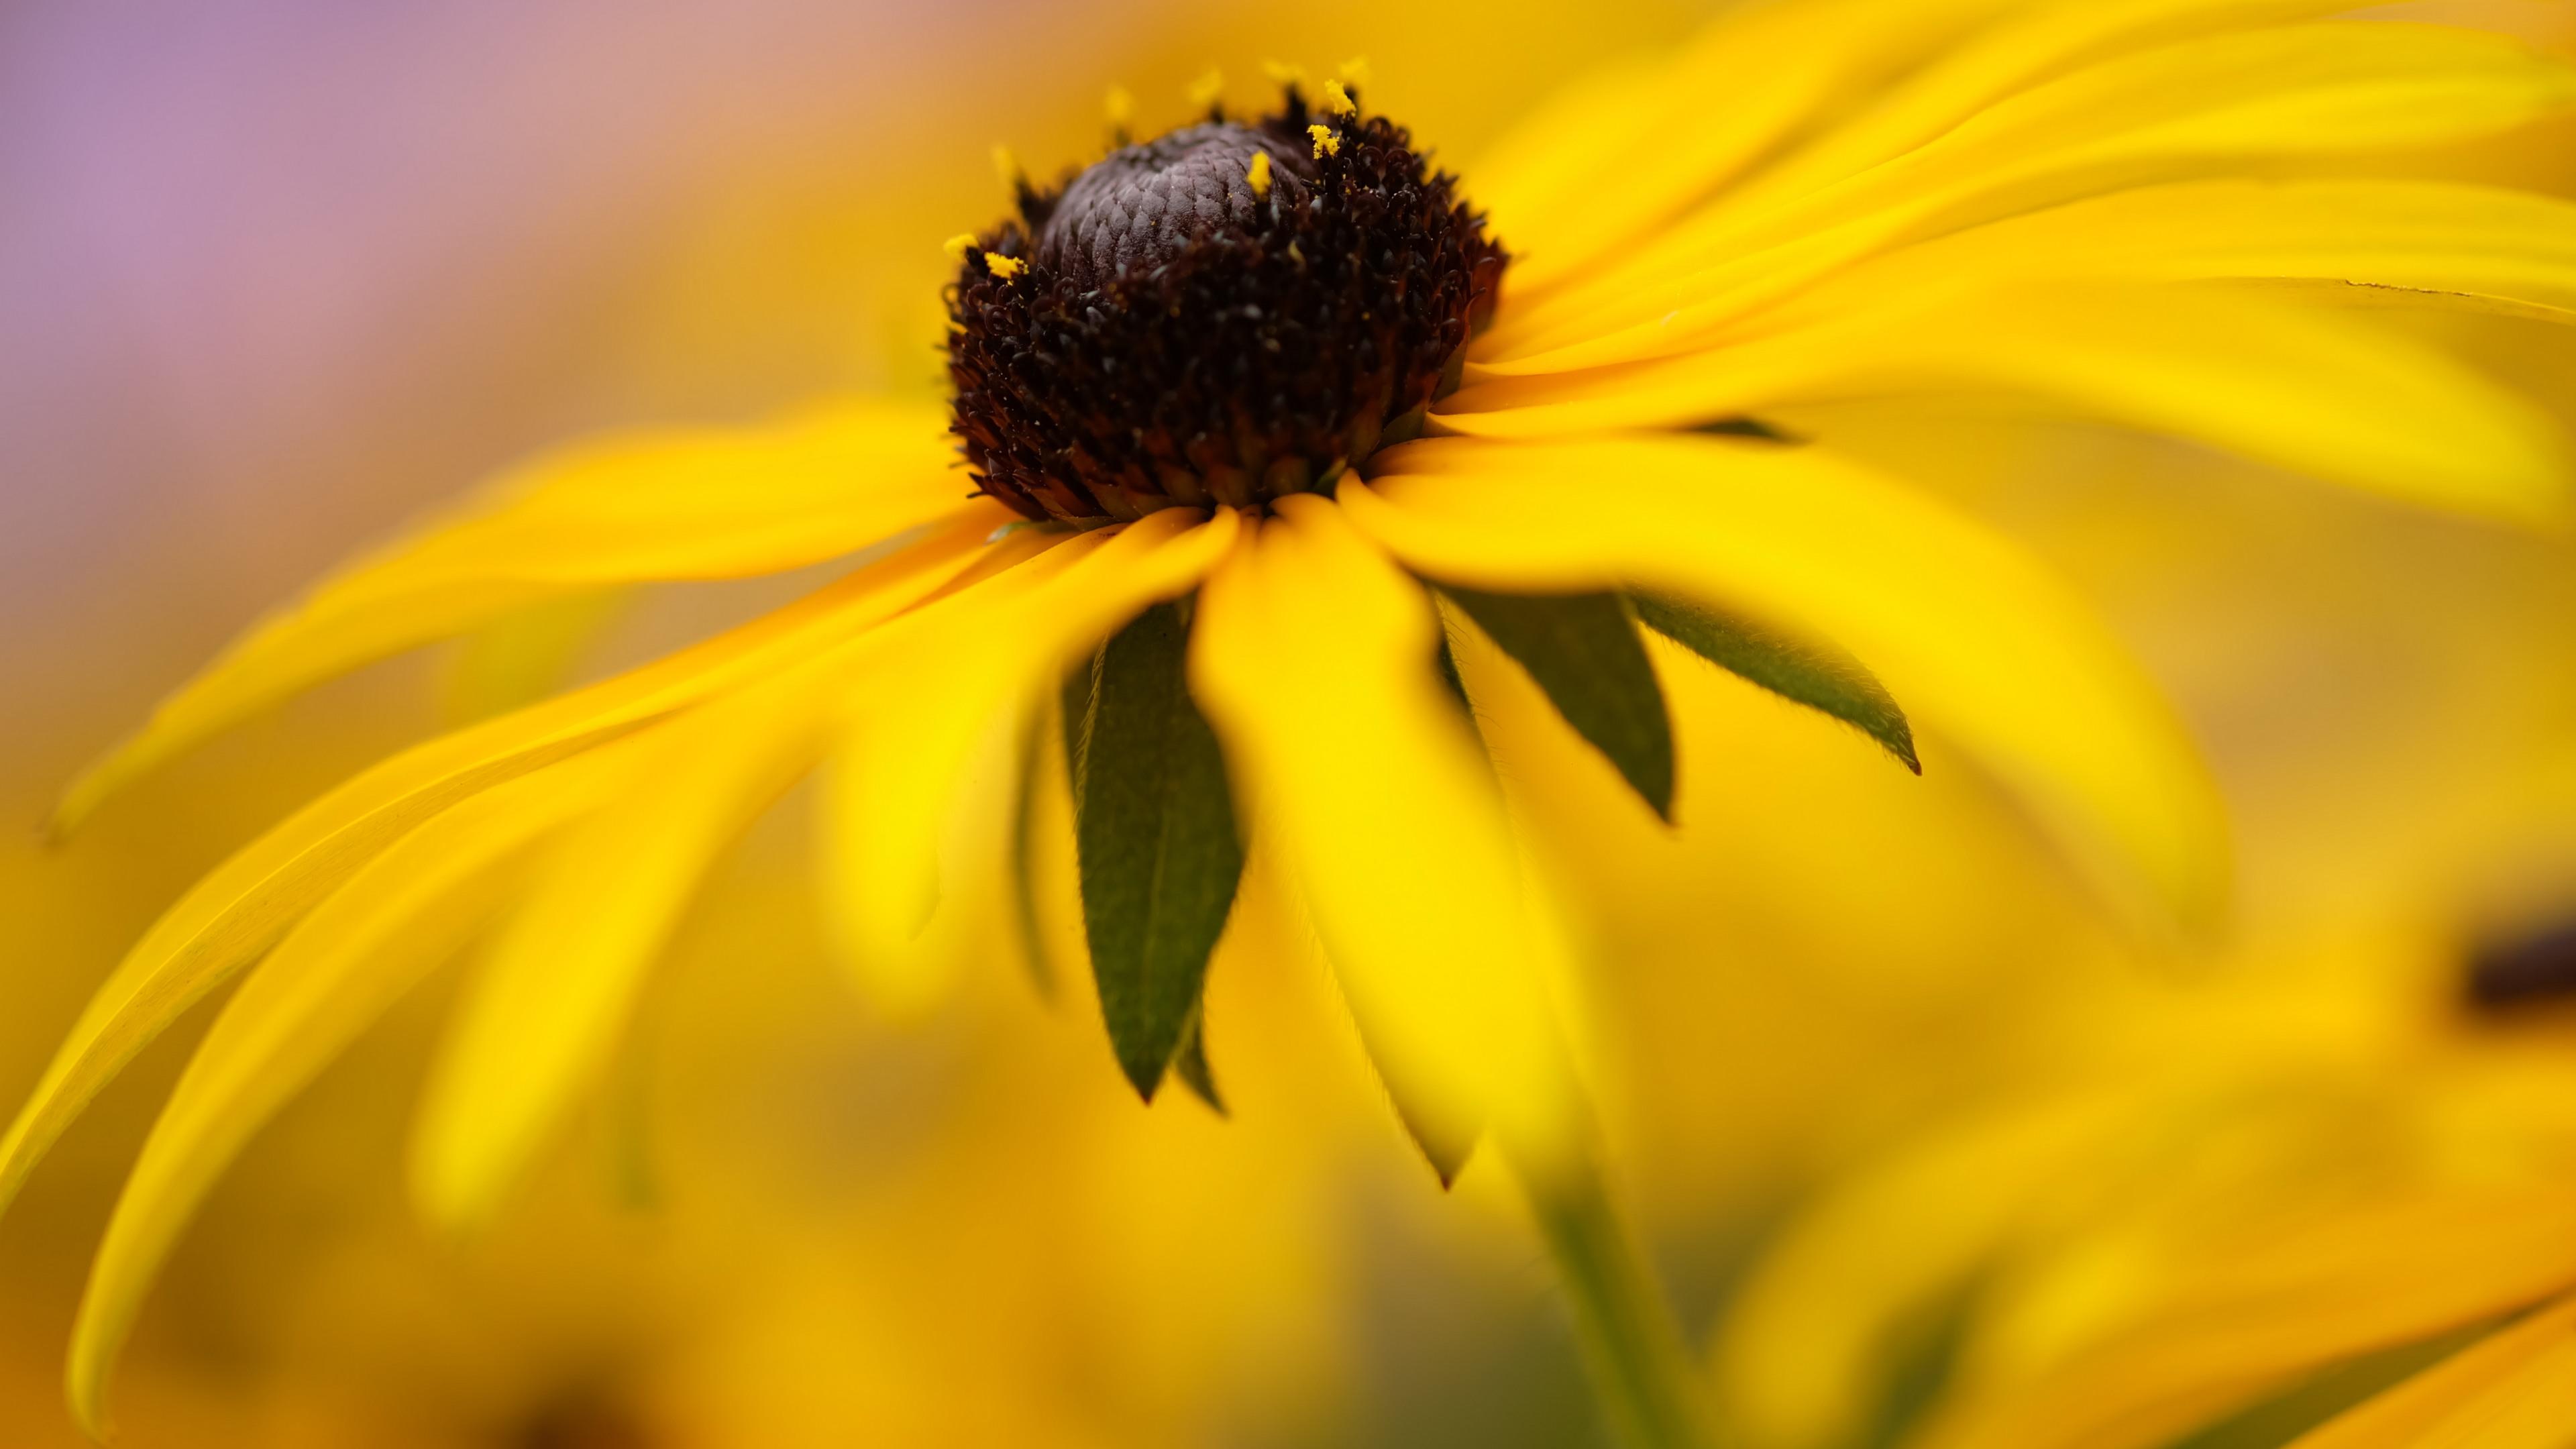 природа желтый цветы смотреть